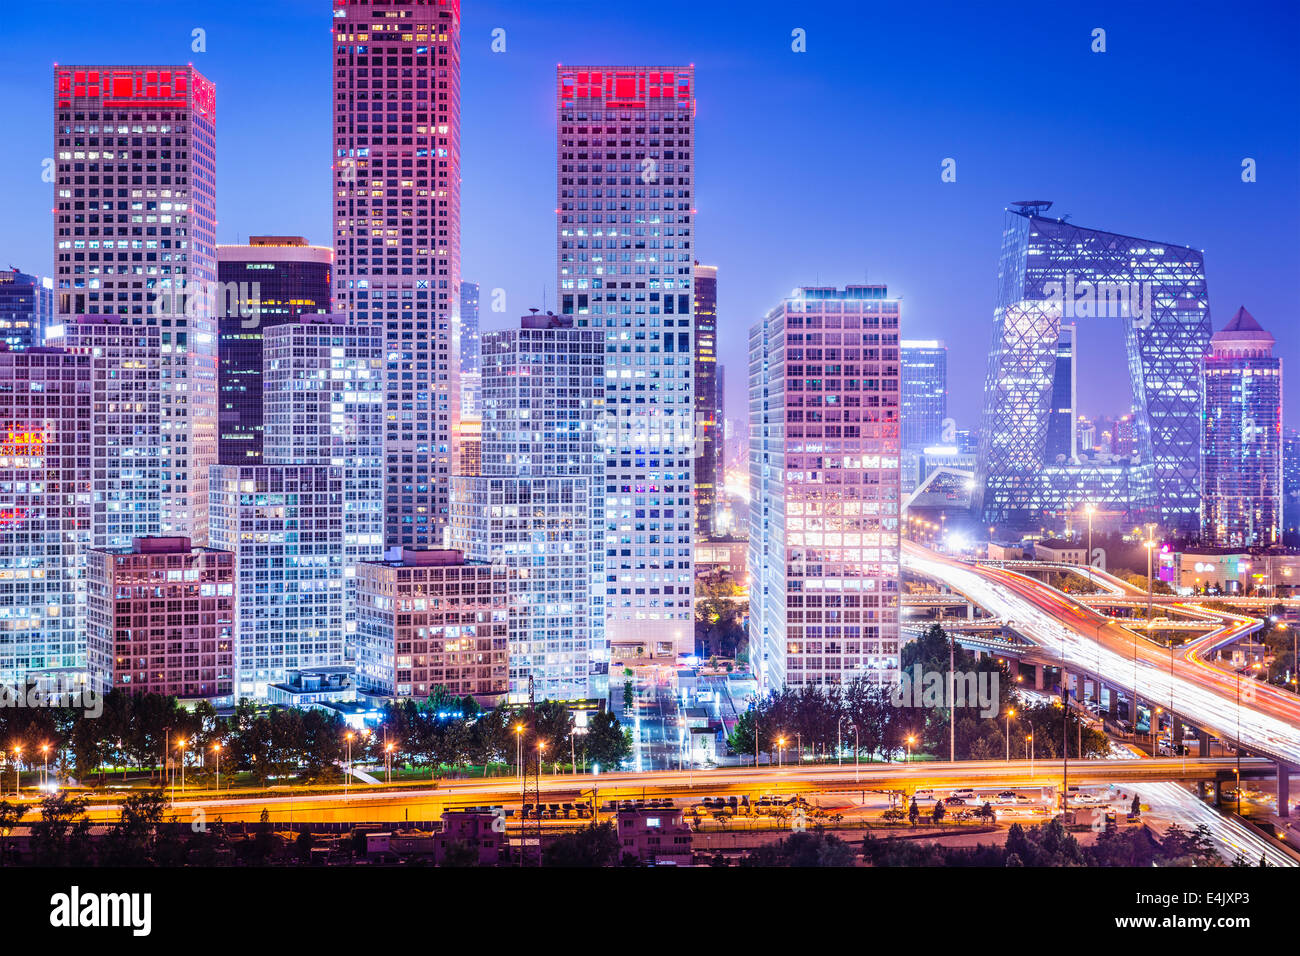 Pechino, Cina skyline al quartiere centrale degli affari. Immagini Stock